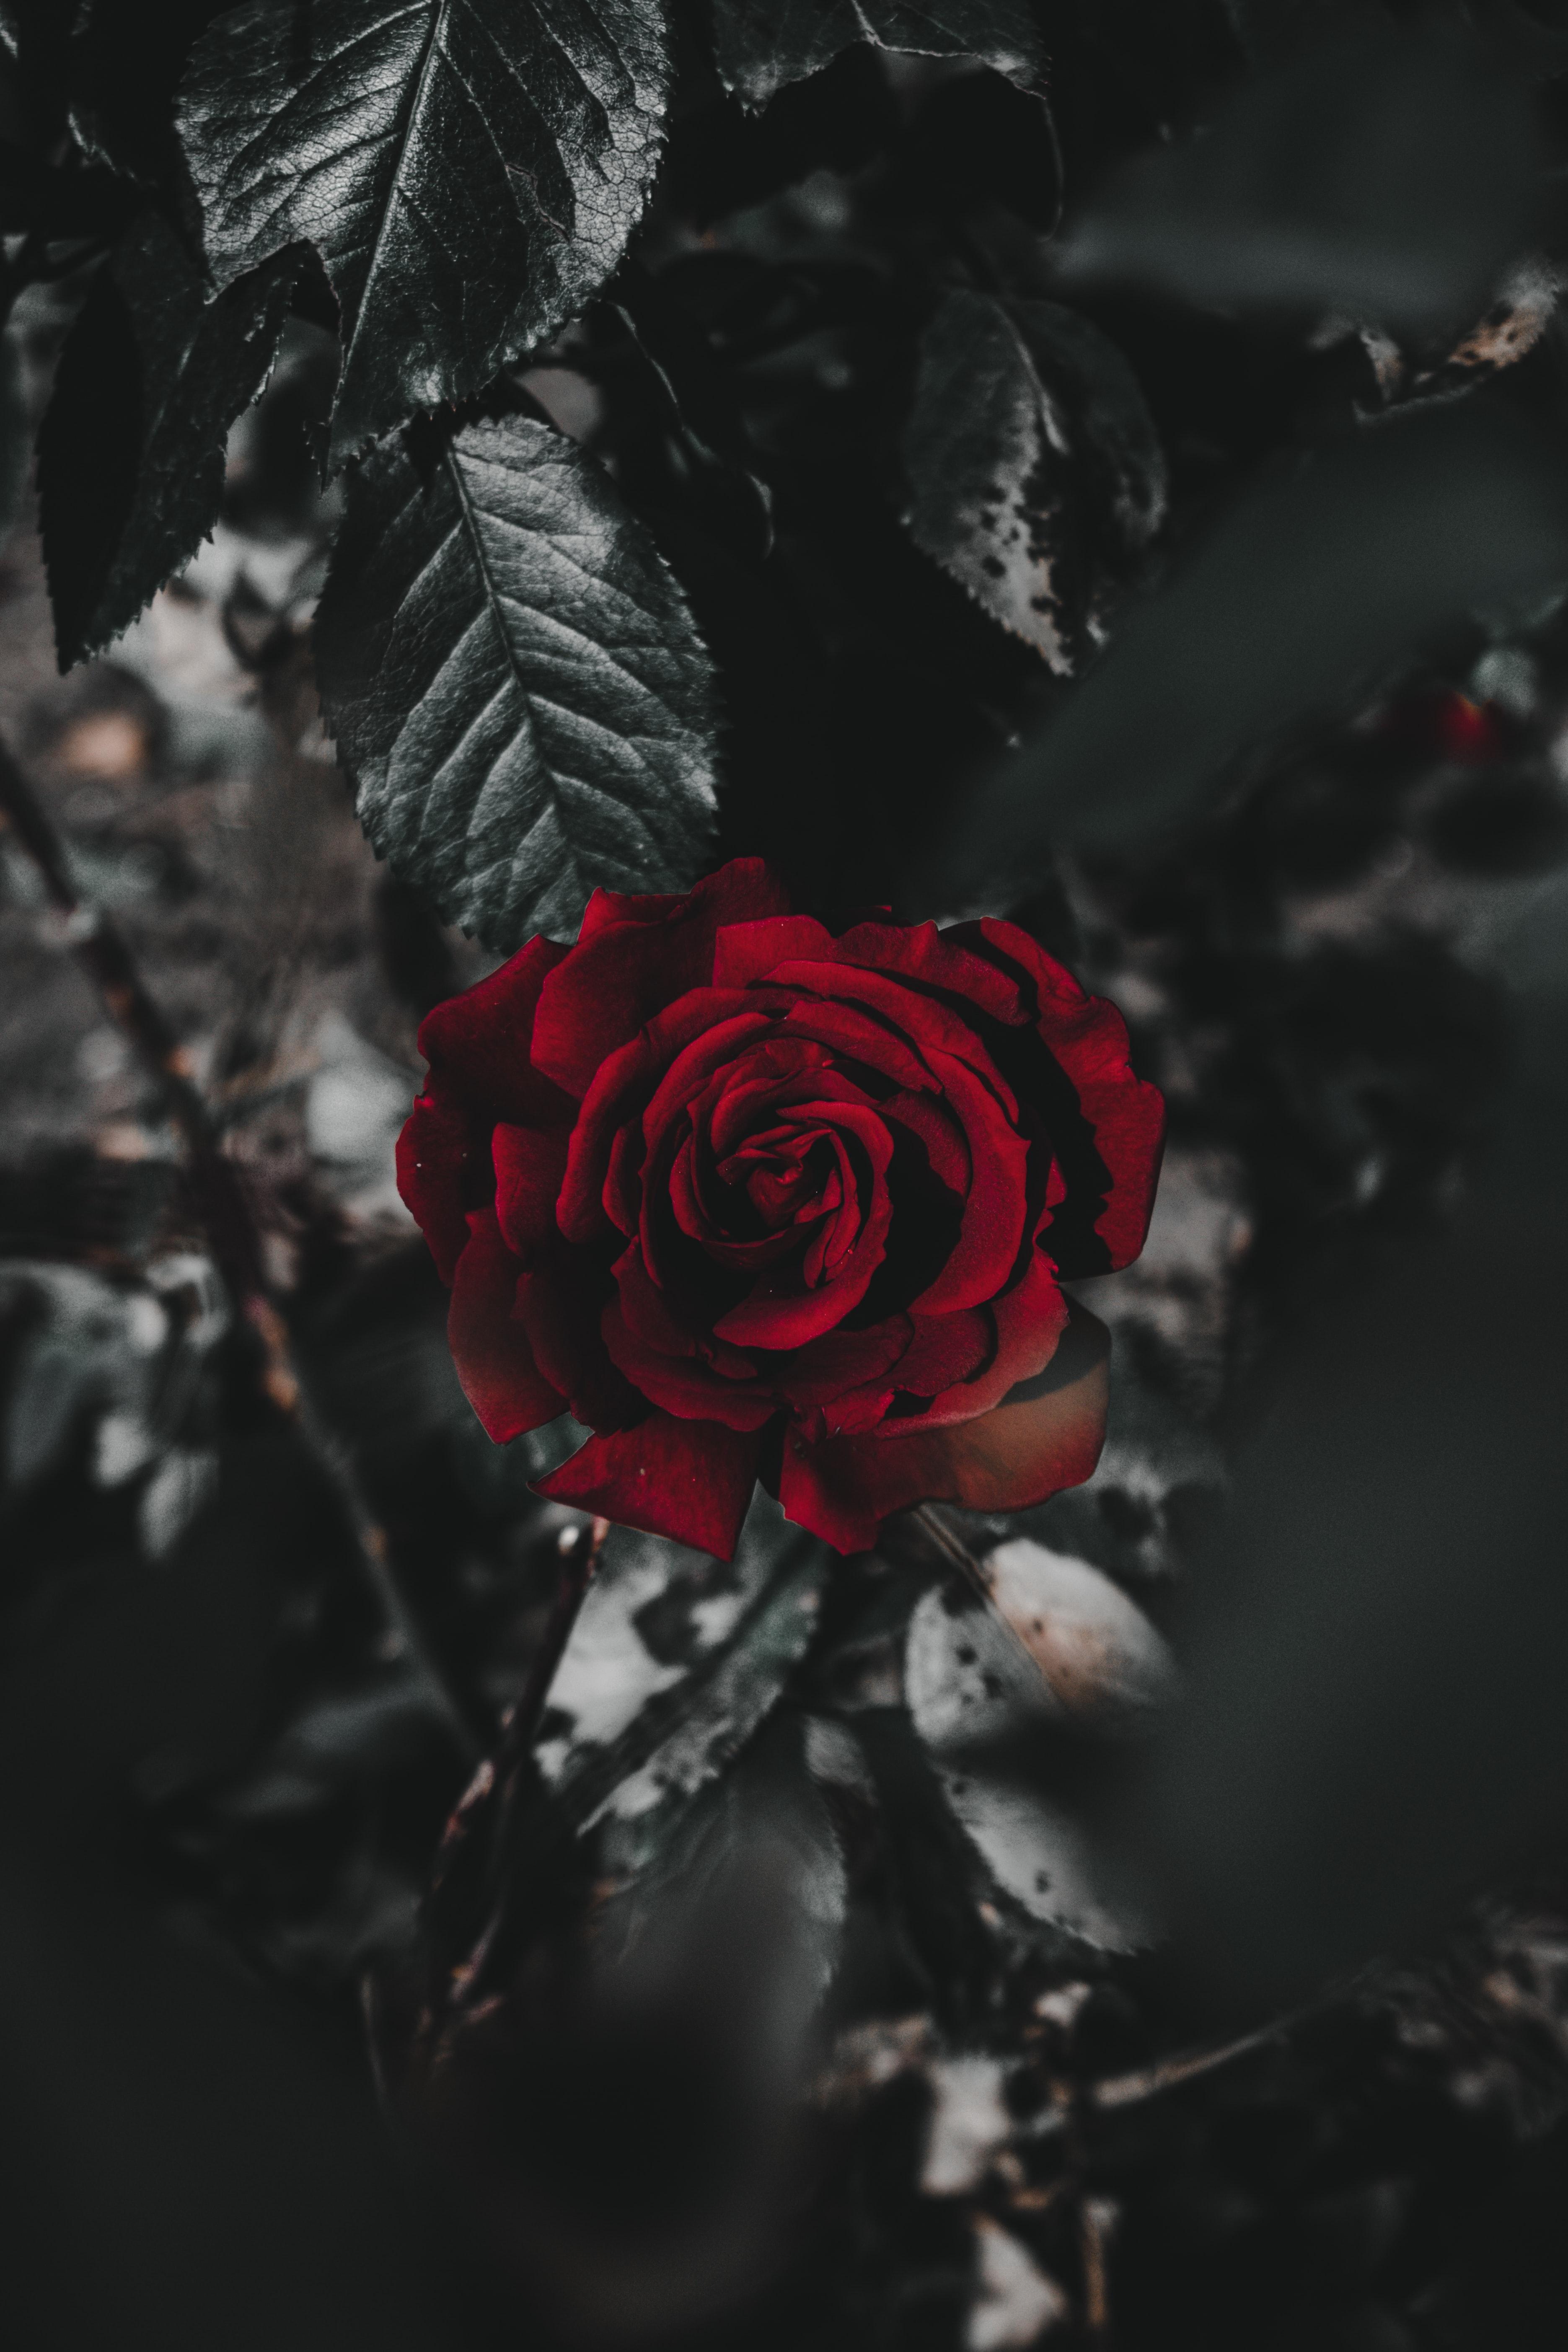 113831 скачать обои Цветы, Цветок, Растение, Роза, Красный, Крупным Планом - заставки и картинки бесплатно